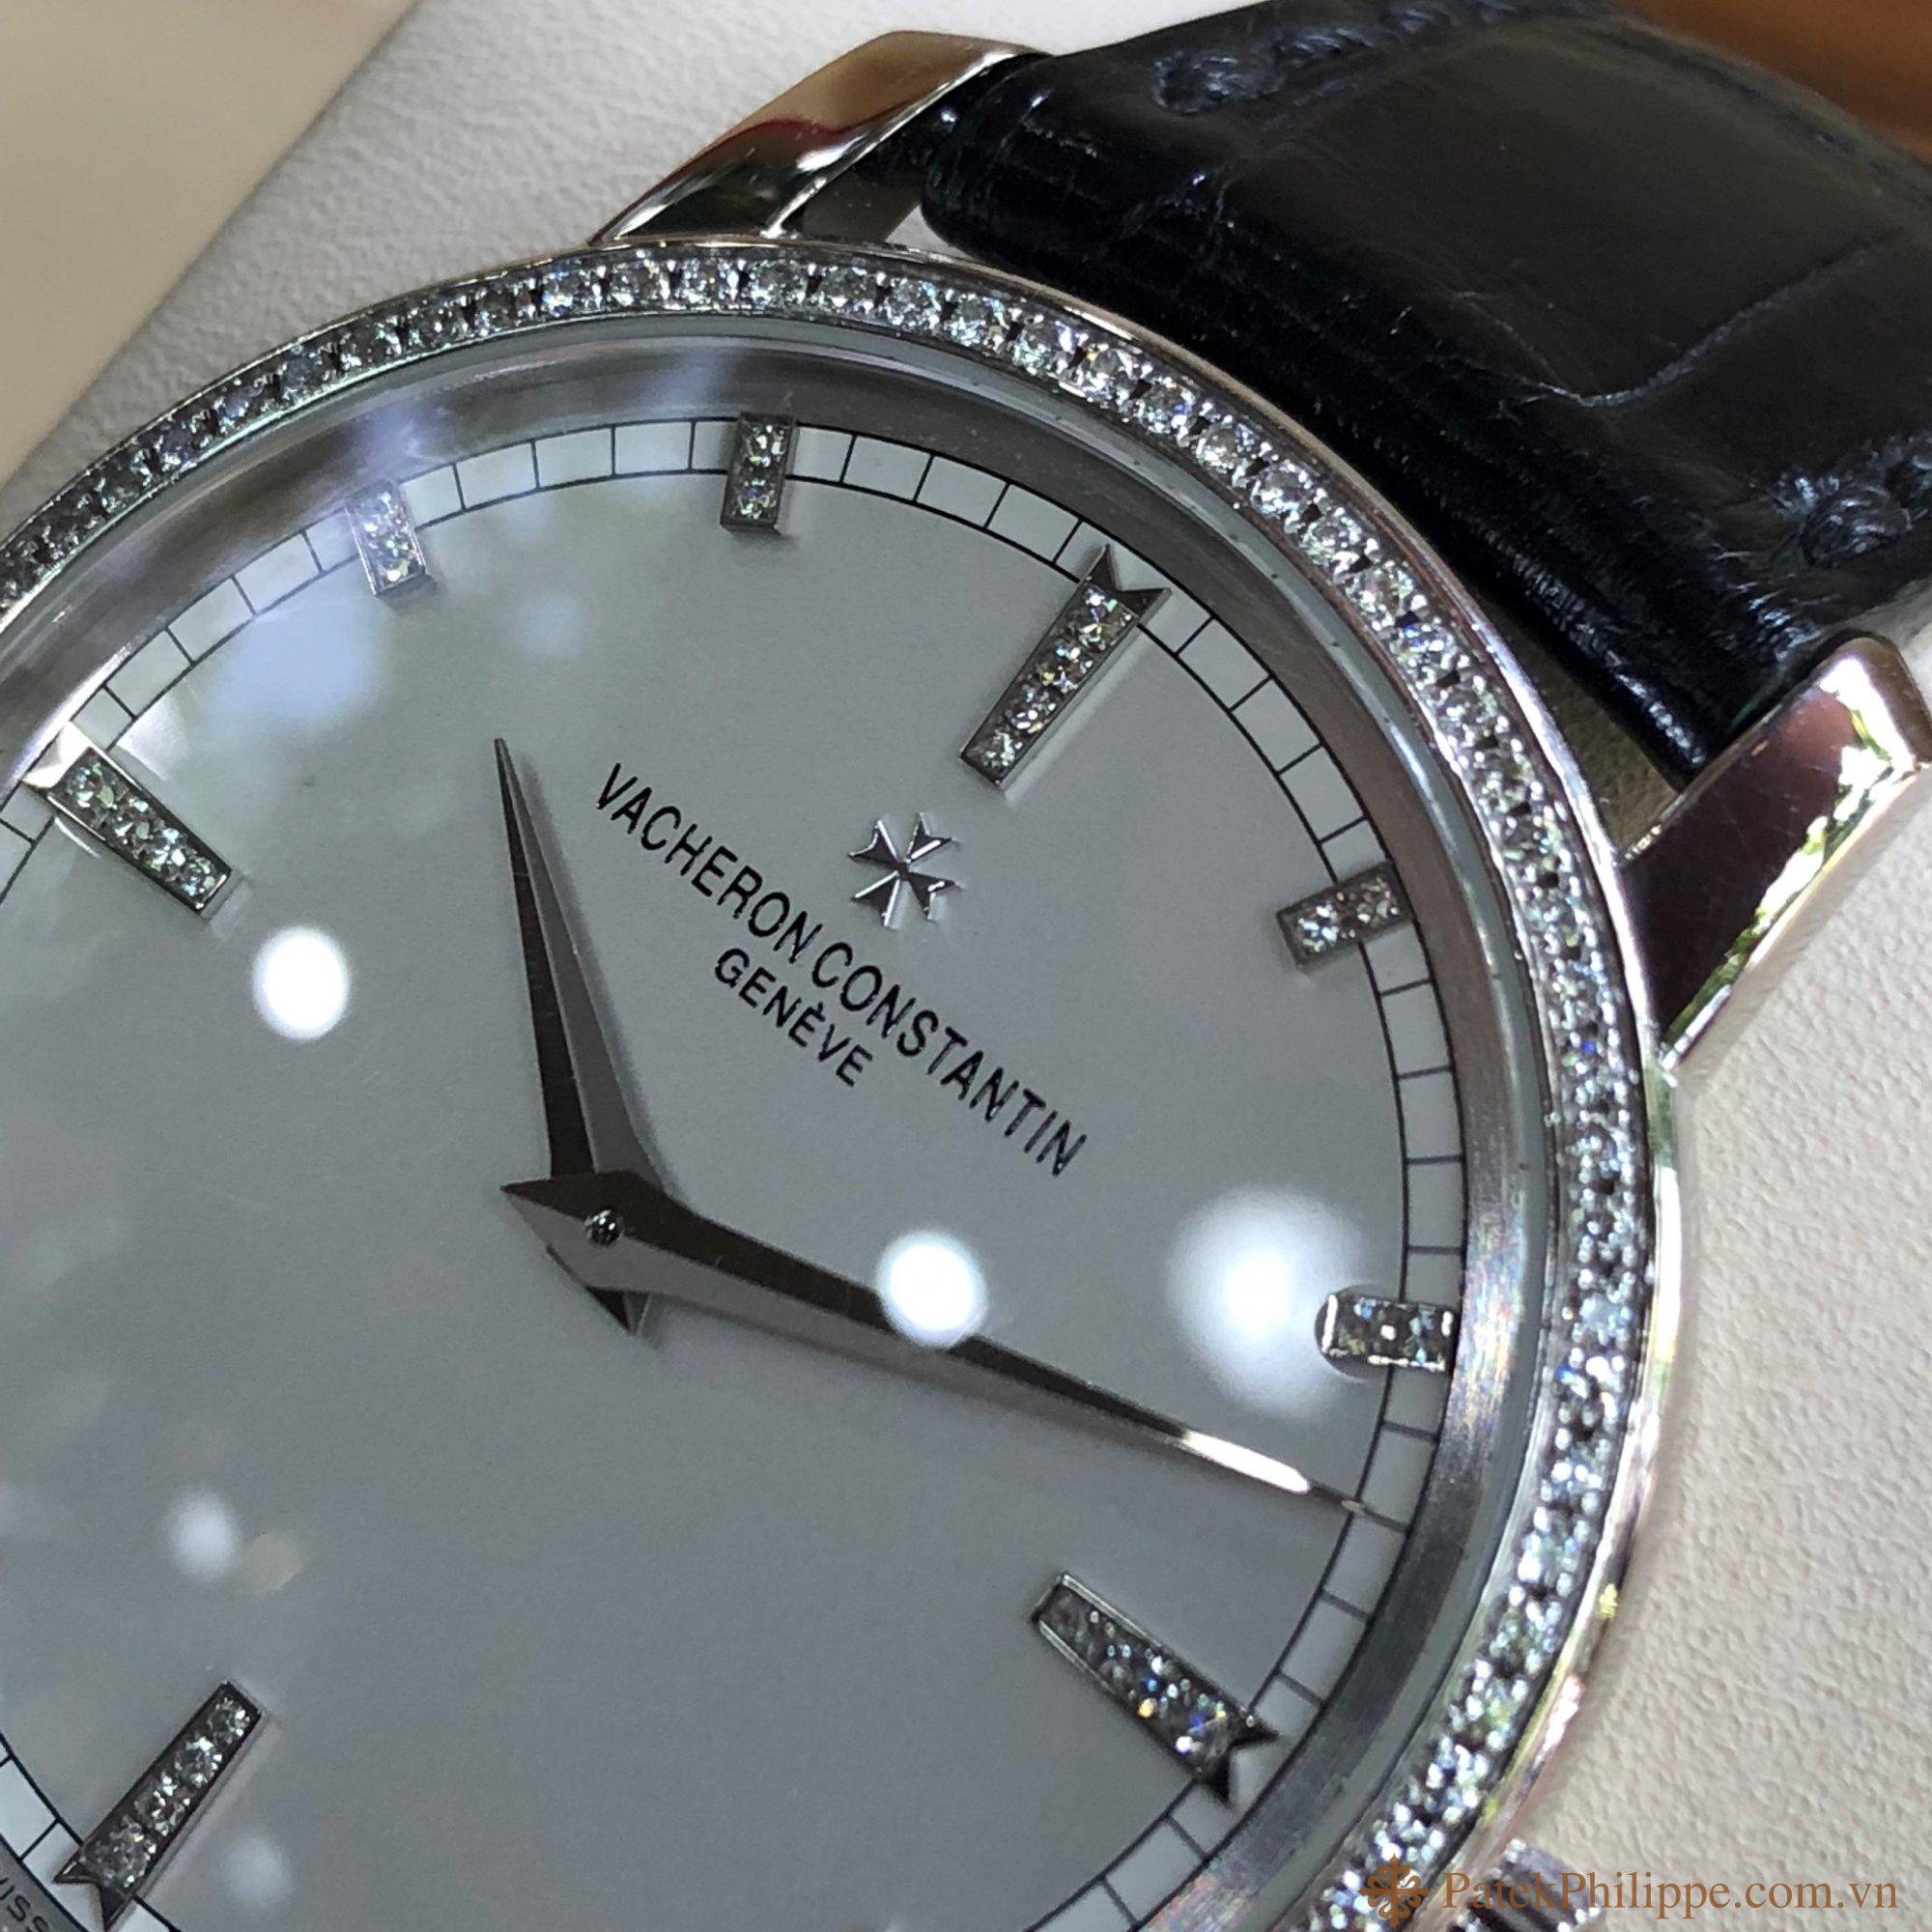 vacheron-constantin-81578-vang-trang-nieng-kim-cuong-zin-7.jpg